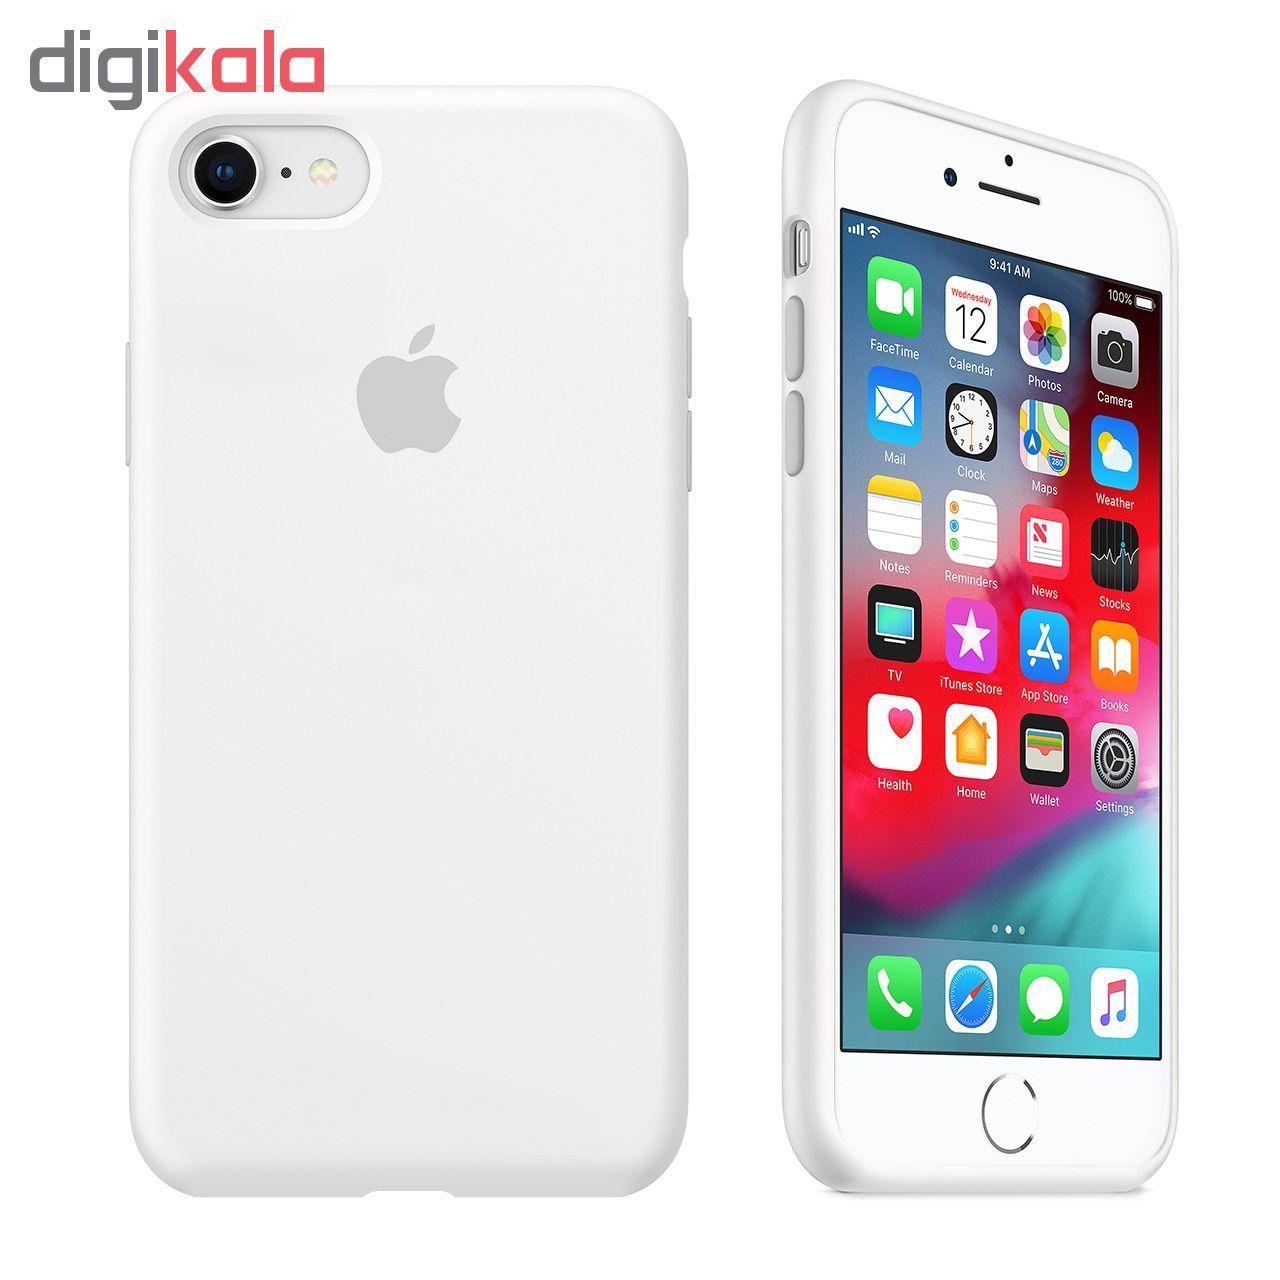 کاور وی کیس مدل Si01 مناسب برای گوشی موبایل اپل iPhone 7/8 main 1 2